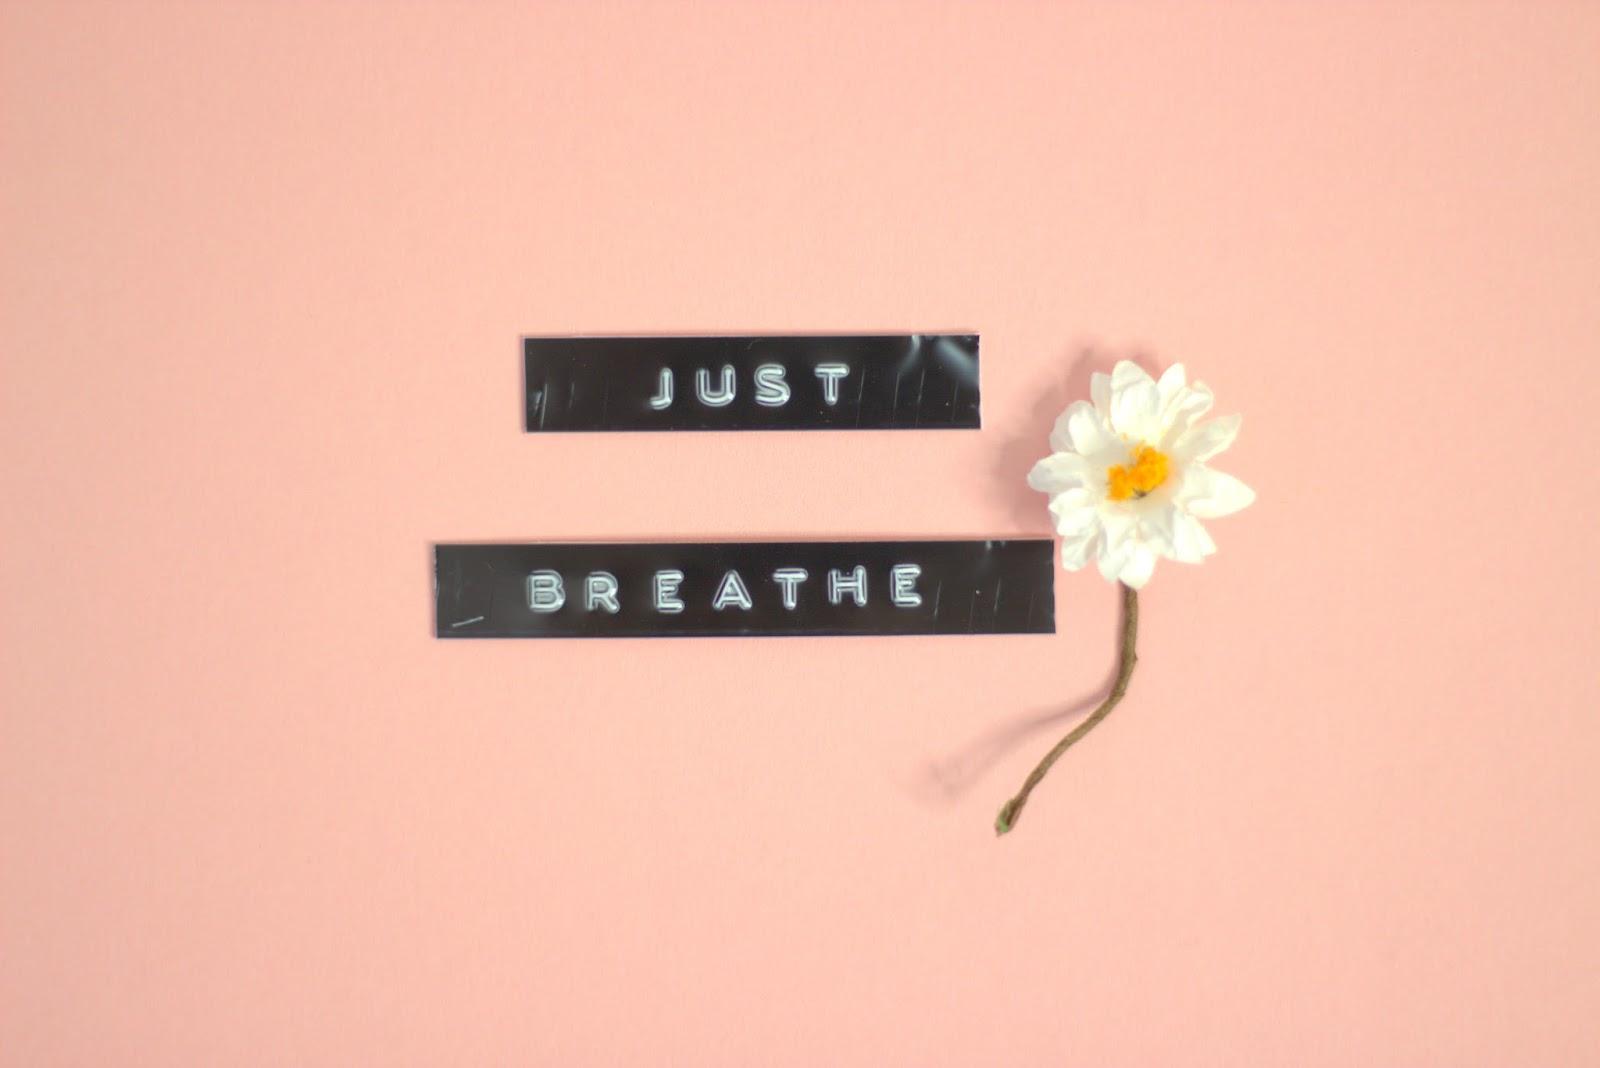 meditation, mindfullness, calmness, destress, wellness